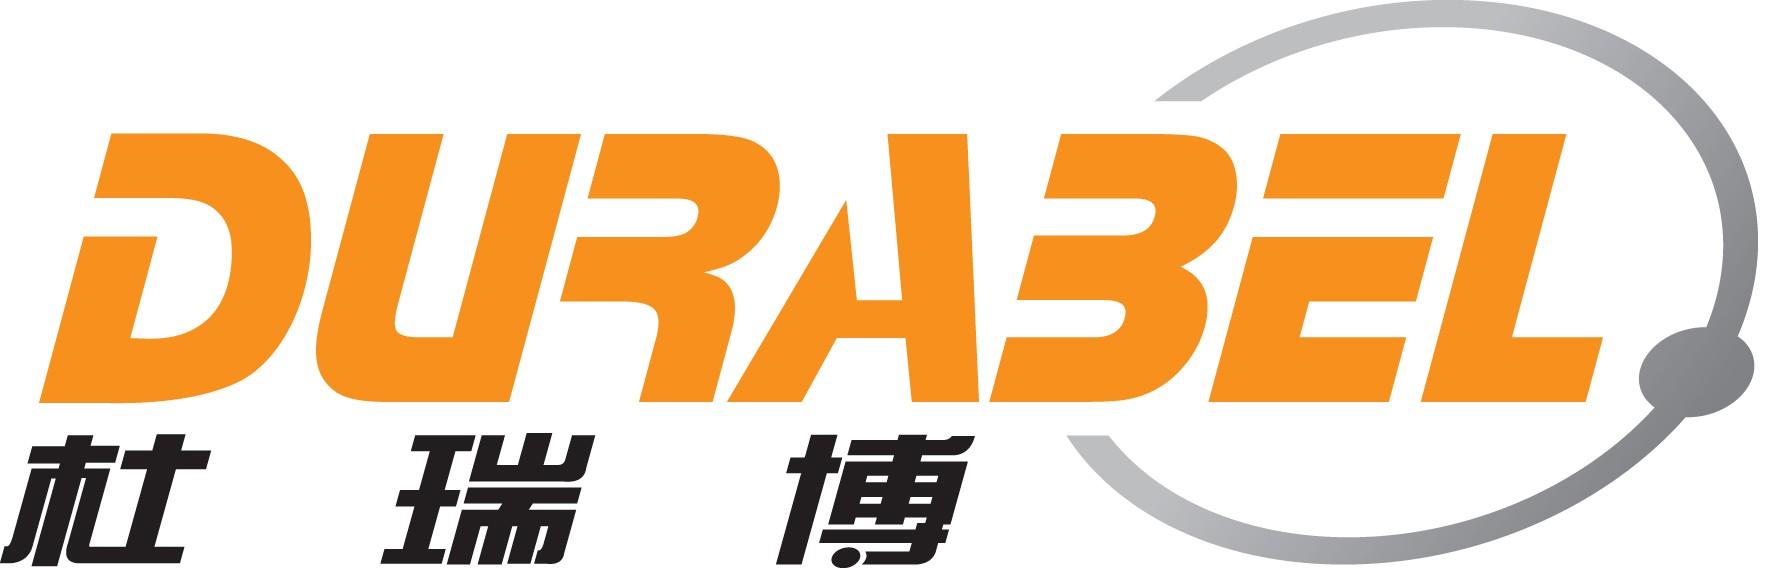 机器人打磨-机器人自动化打磨价格–中国网库